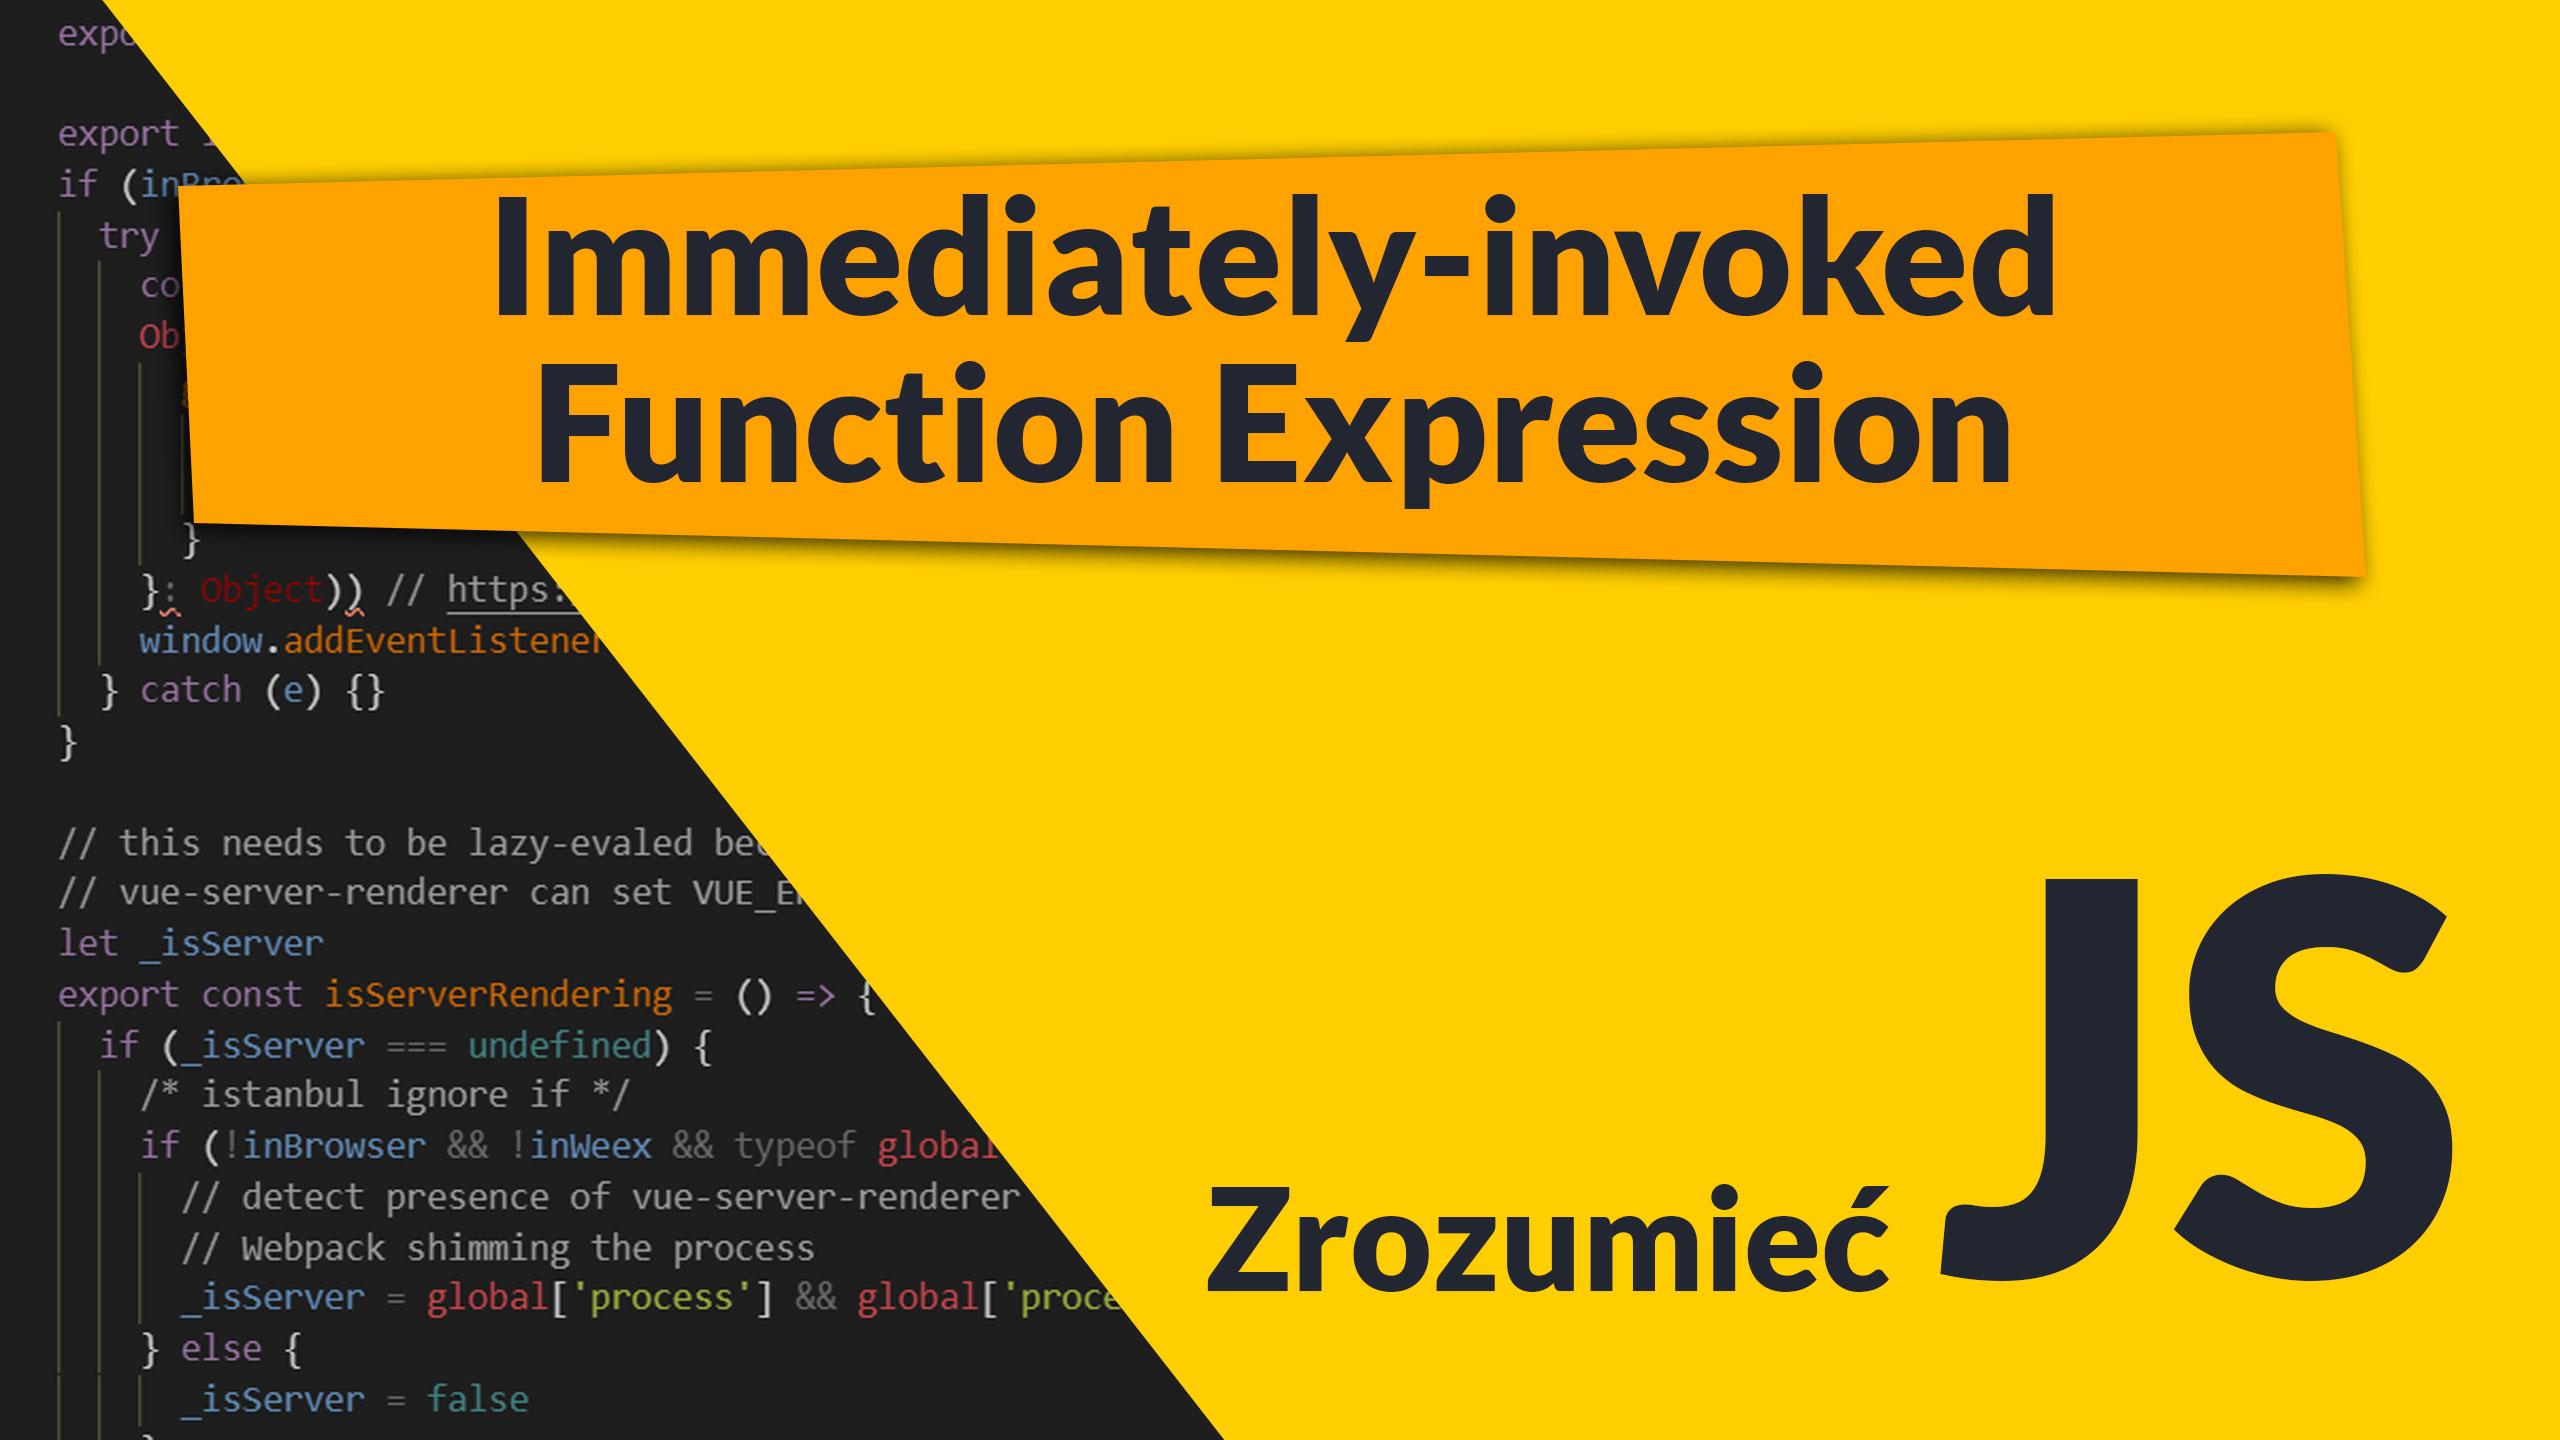 iffe - Immediately-invoked Function Expression IIFE - jak dokładnie działa (#4 Zrozumieć JavaScript)